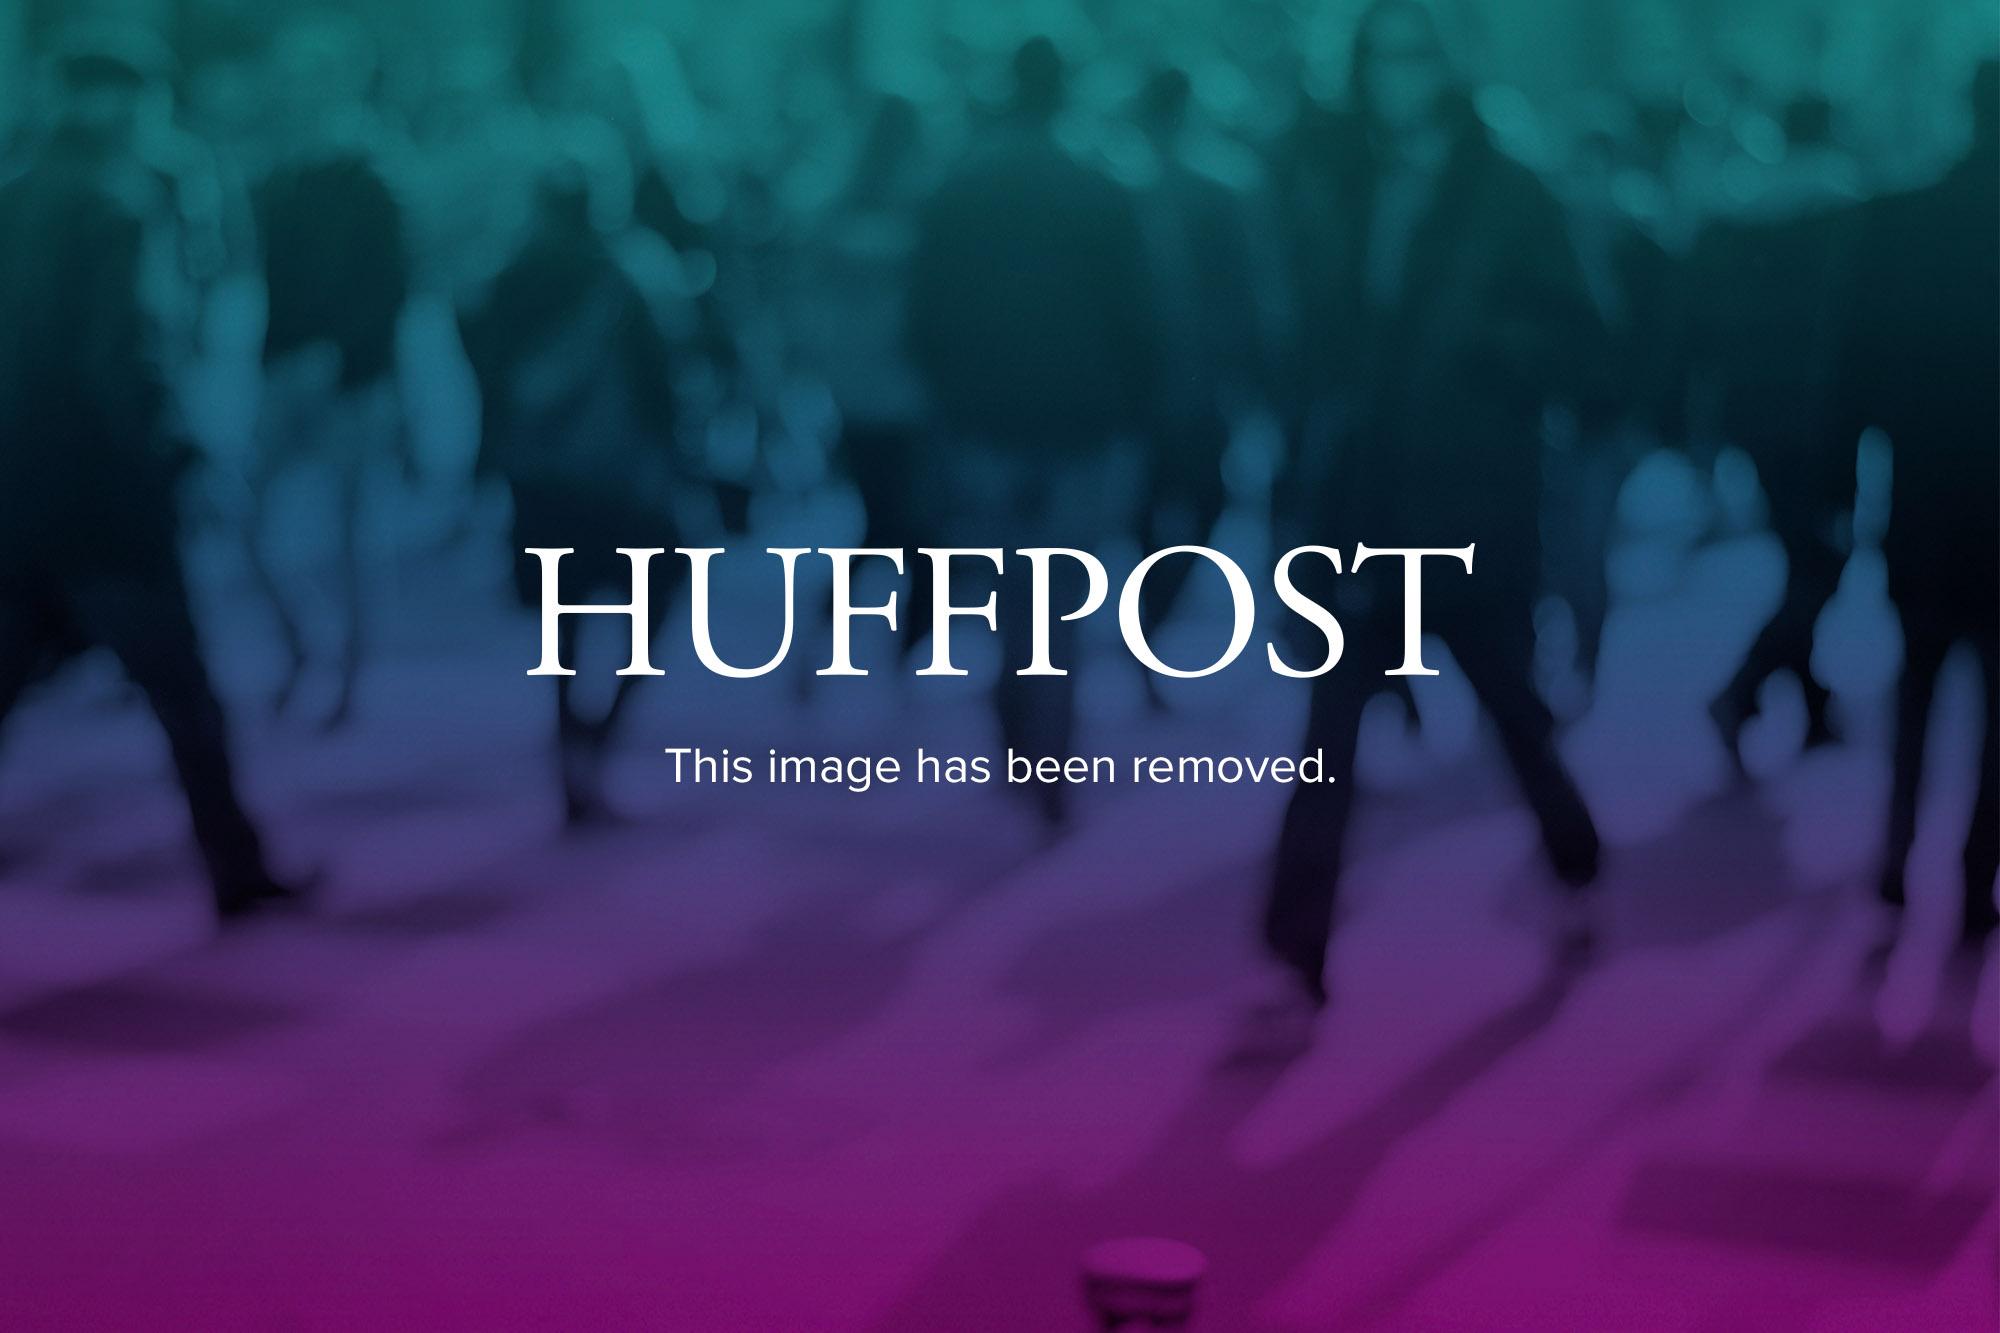 http://i.huffpost.com/